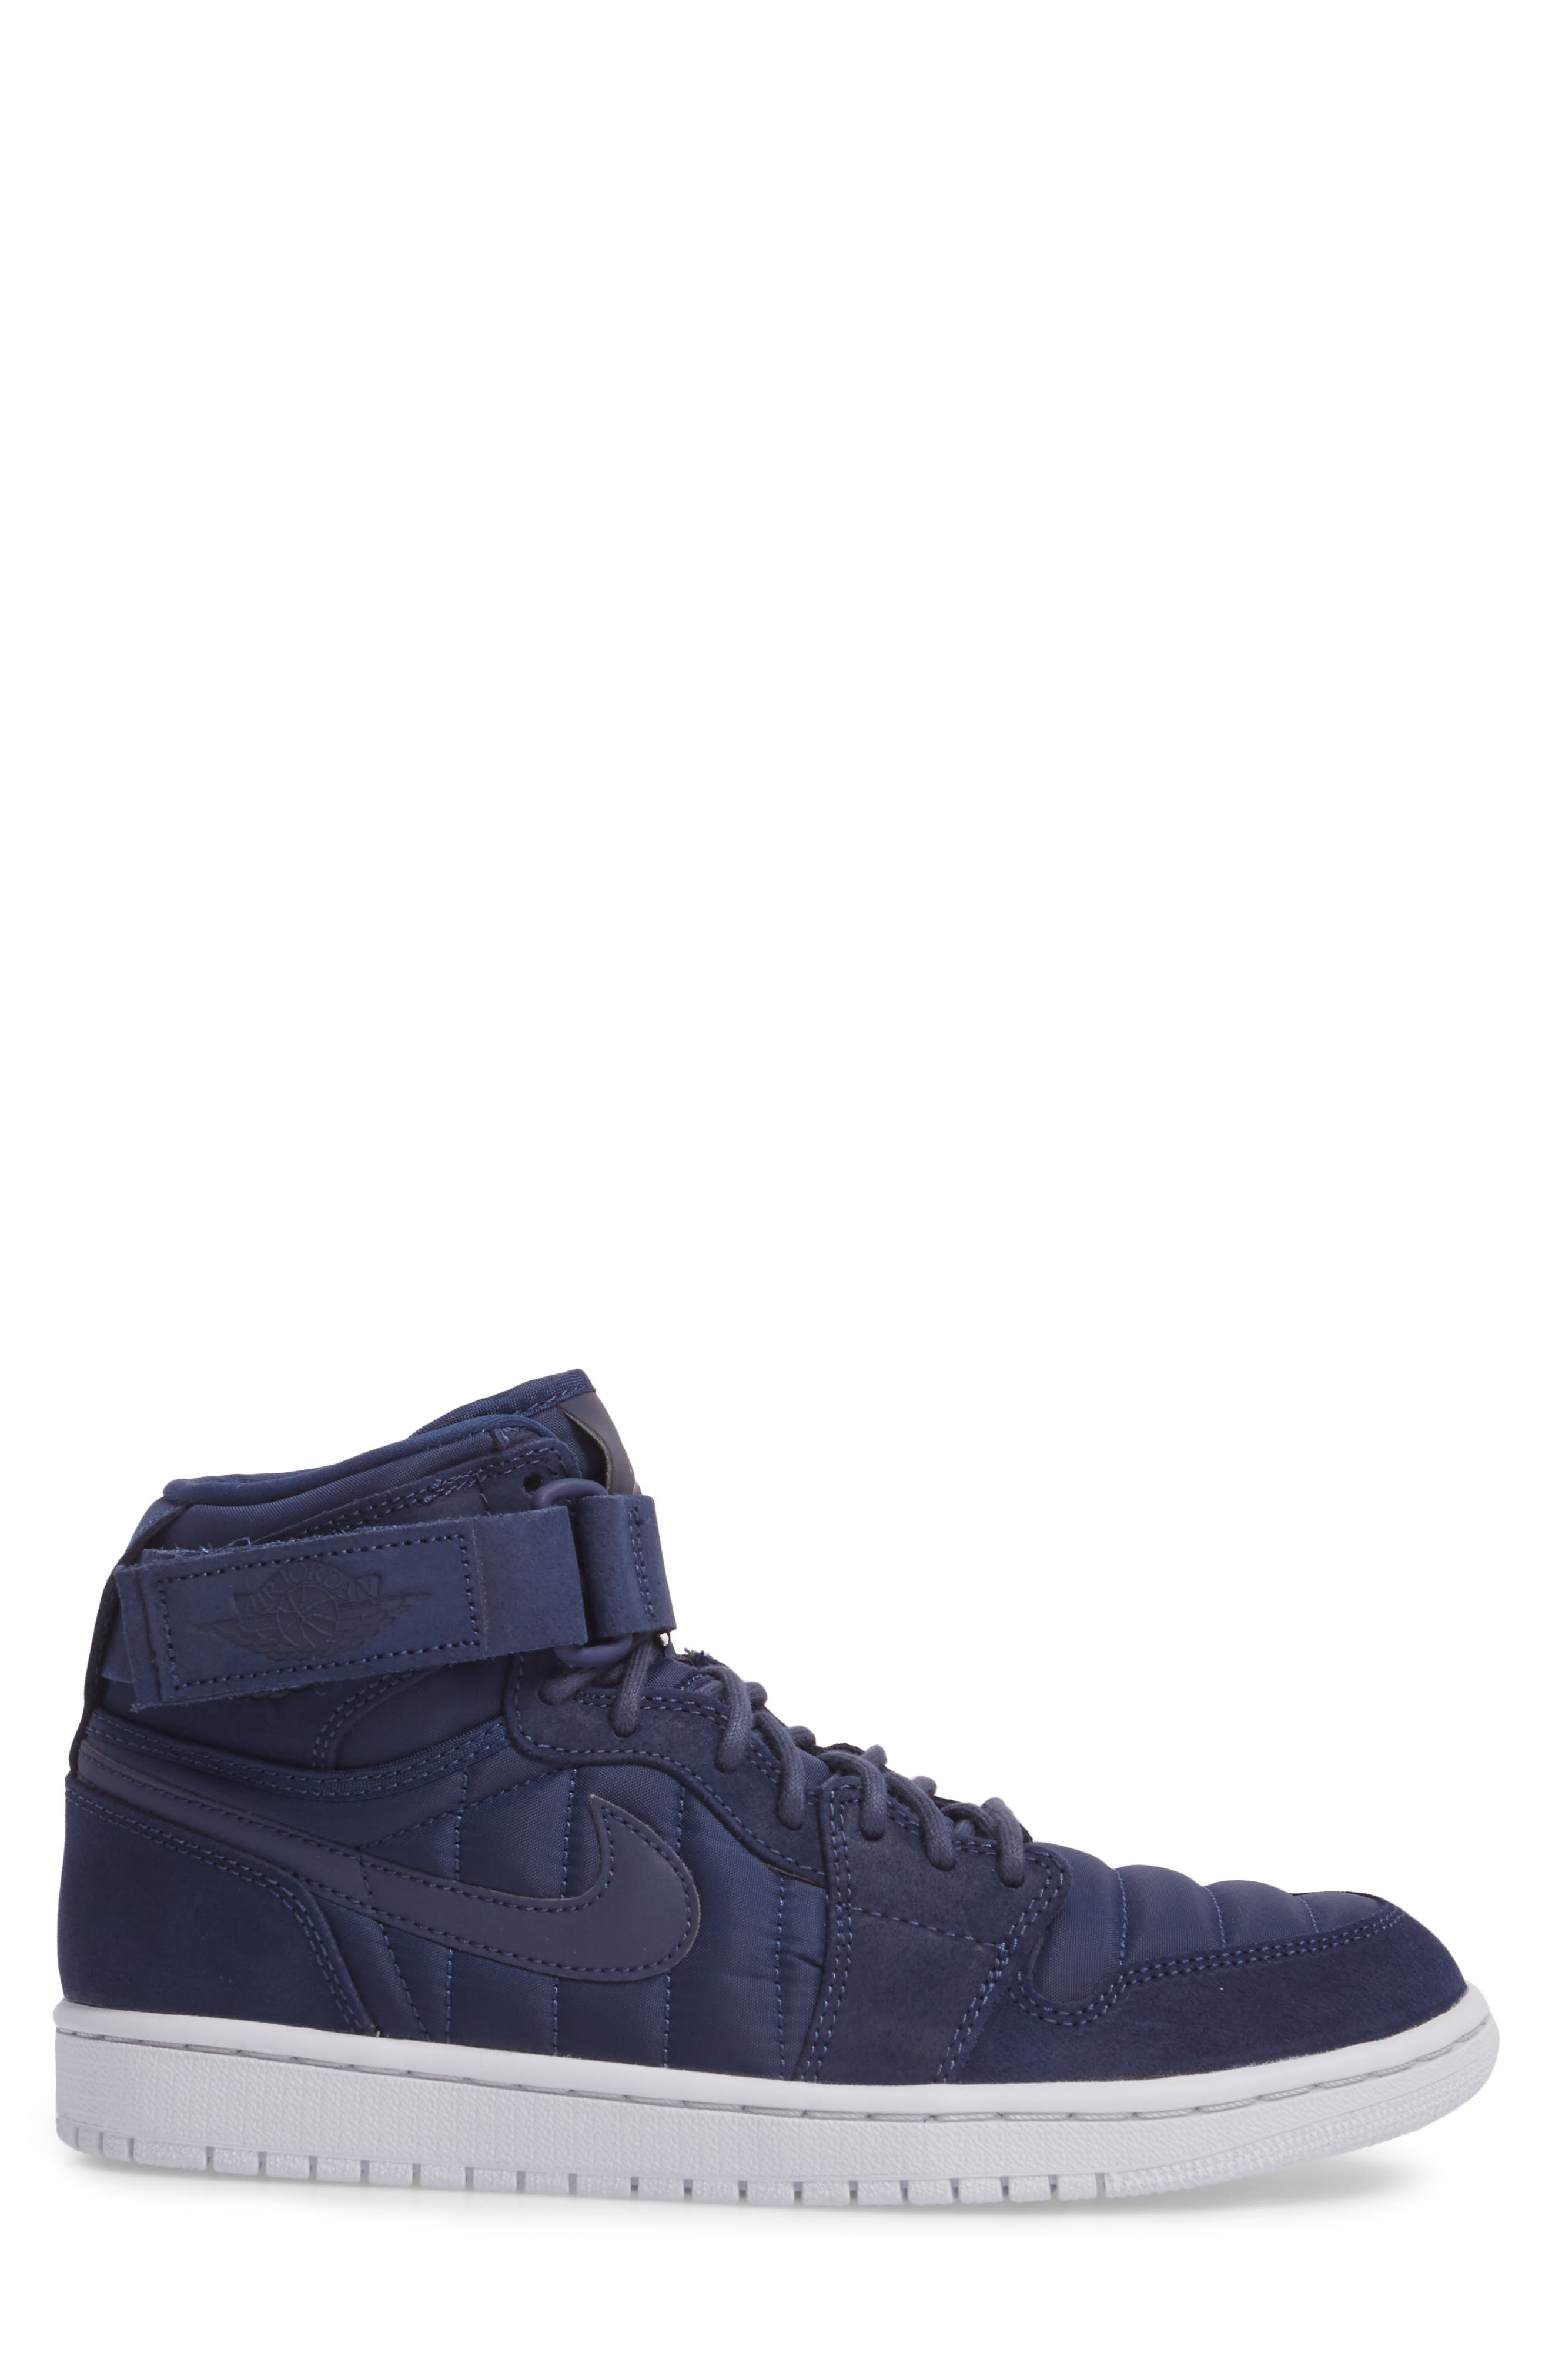 Alternate Image 3  - Nike Air Jordan 1 Sneaker (Men)